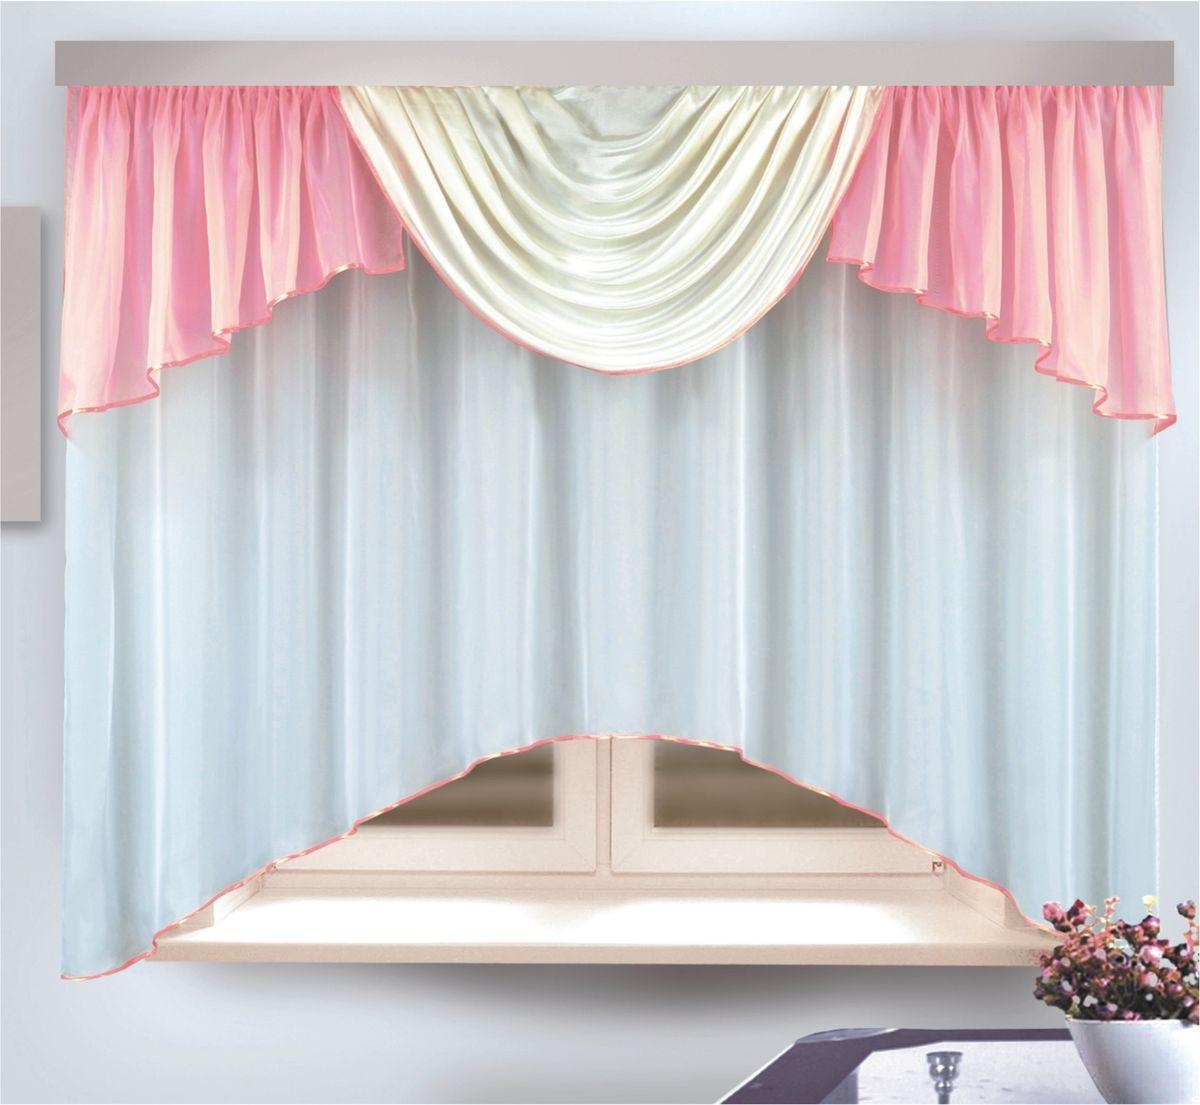 Комплект штор для кухни Zlata Korunka, на ленте, цвет: розовый, высота 170 см. 333312BH-UN0502( R)Комплект штор для кухни Zlata Korunka, выполненный из полиэстера, великолепно украсит любое окно. Комплект состоит из тюля и ламбрекена. Оригинальный крой и приятная цветовая гамма привлекут к себе внимание и органично впишутся в интерьер помещения. Этот комплект будет долгое время радовать вас и вашу семью!Комплект крепится на карниз при помощи ленты, которая поможет красиво и равномерно задрапировать верх.В комплект входит: Тюль: 1 шт. Размер (Ш х В): 290 х 170 см.Ламбрекен: 1 шт. Размер (Ш х В): 450 х 80 см.